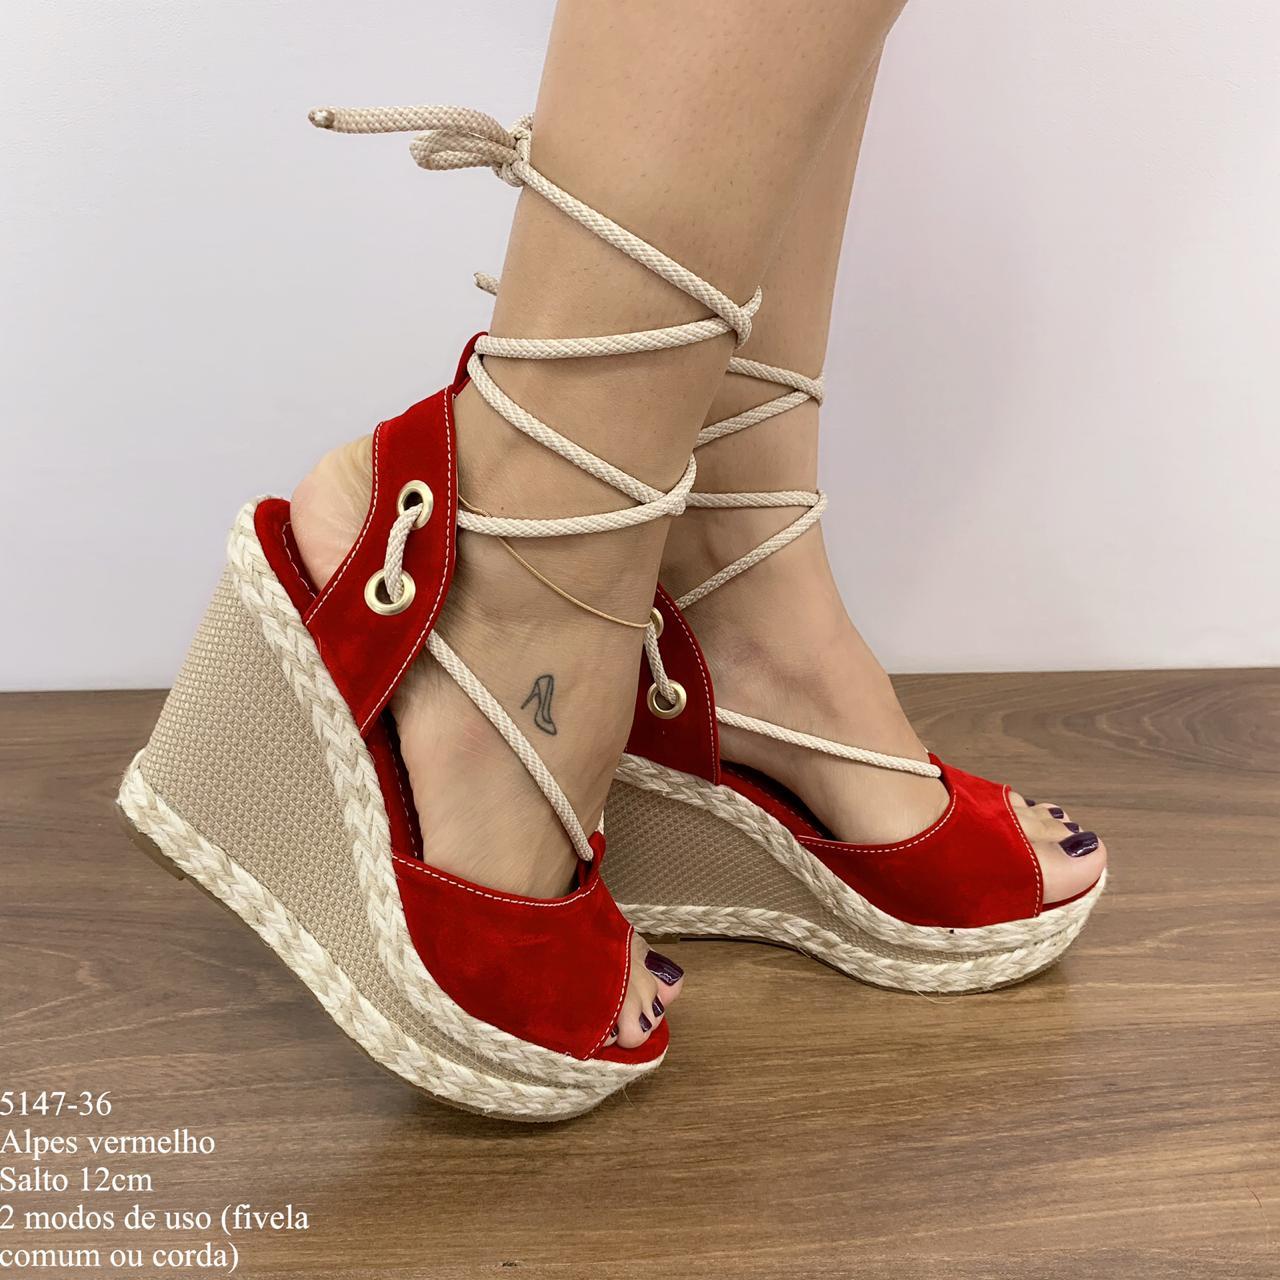 Sandália Gladiadora Anabela Vermelha | D-5147-36